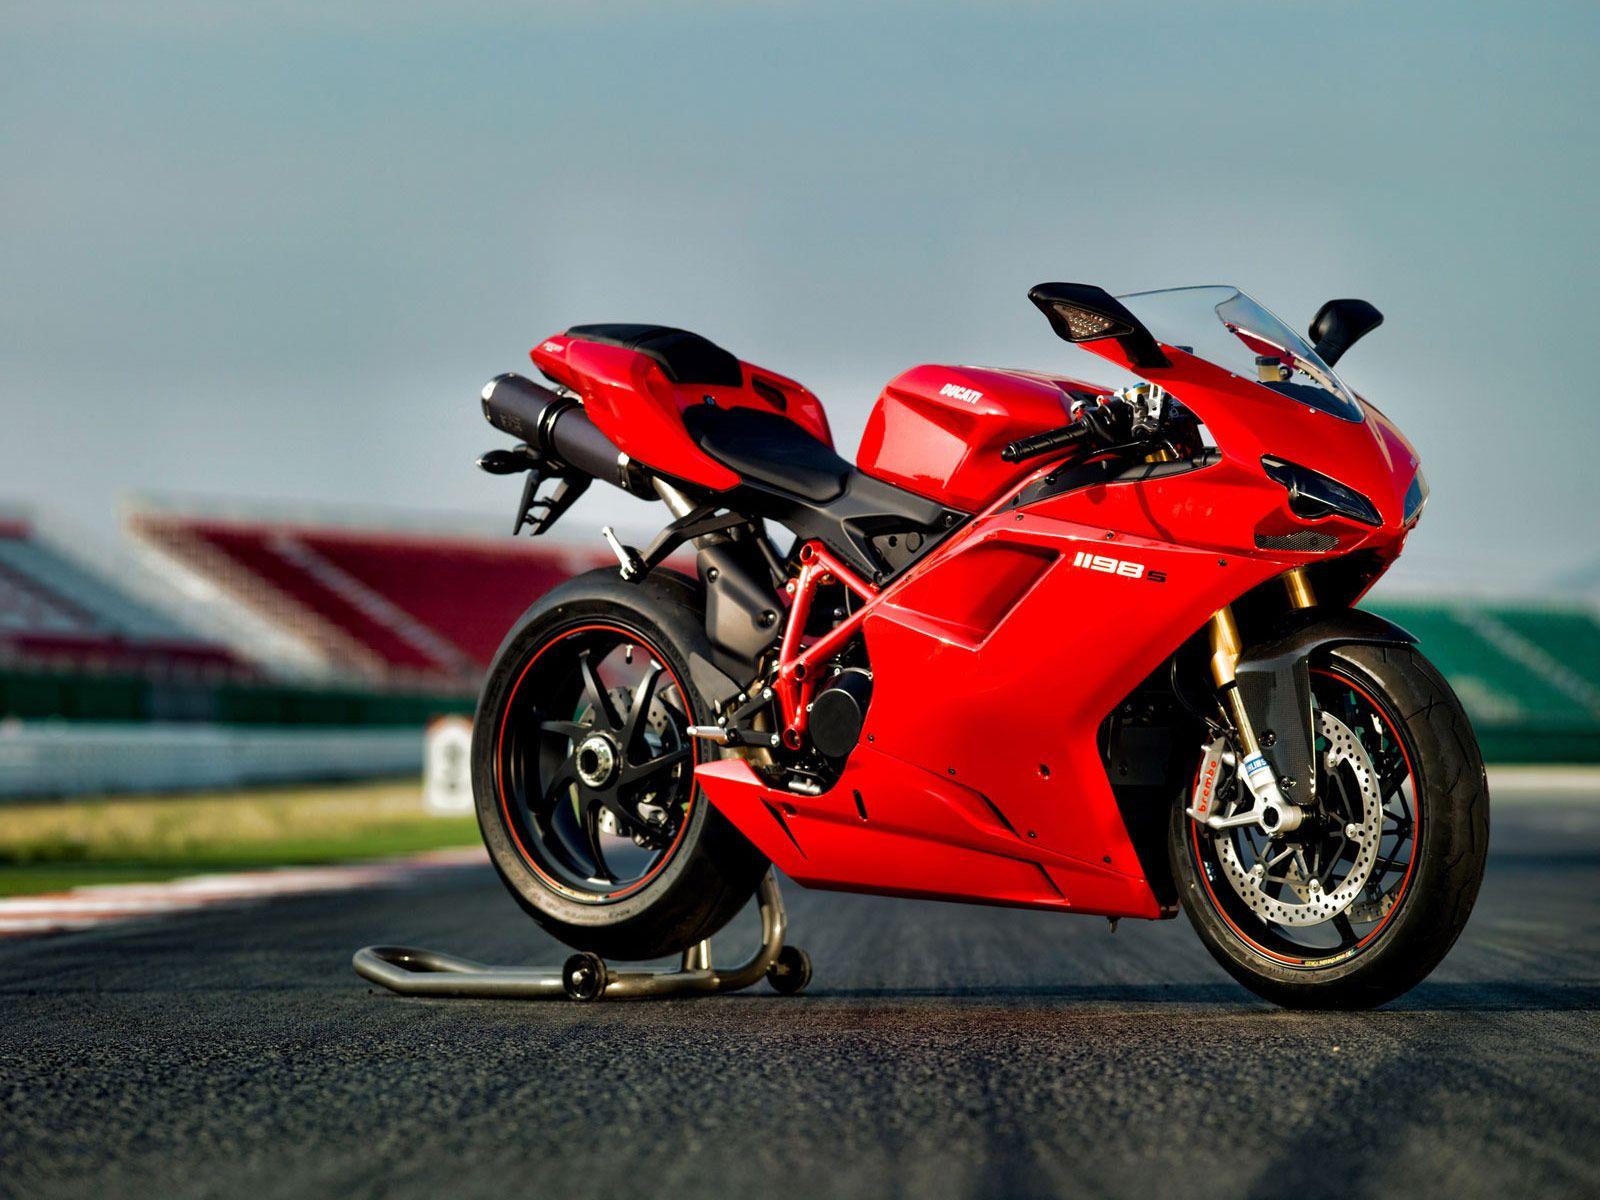 ducati 1198s bike hd wallpaper | motorcycles hd wallpaper